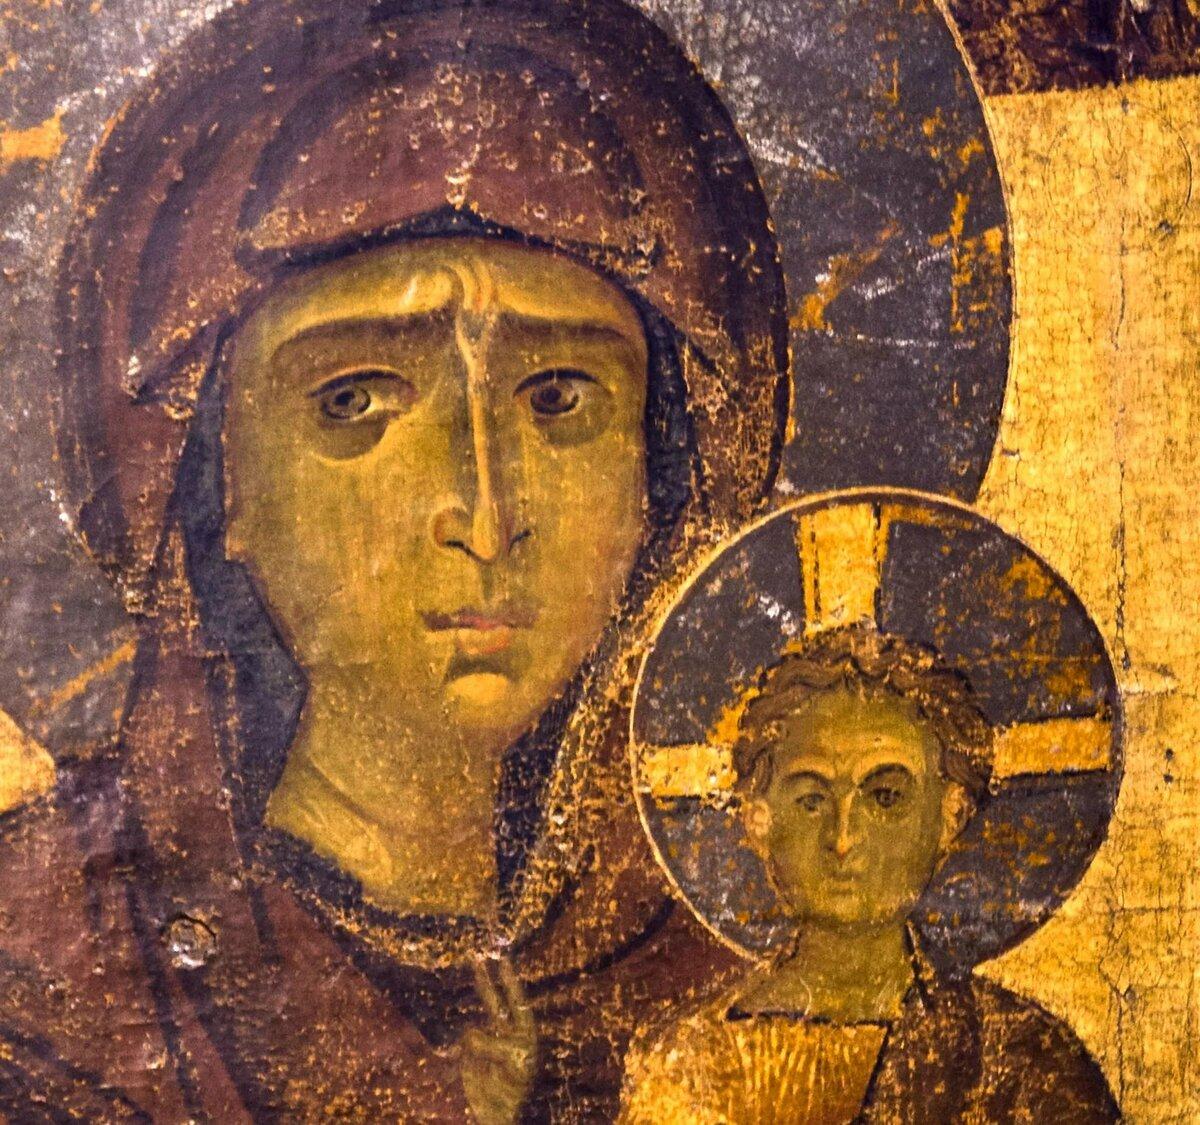 зала квартире фото византийских икон в хорошем качестве каждом городке или